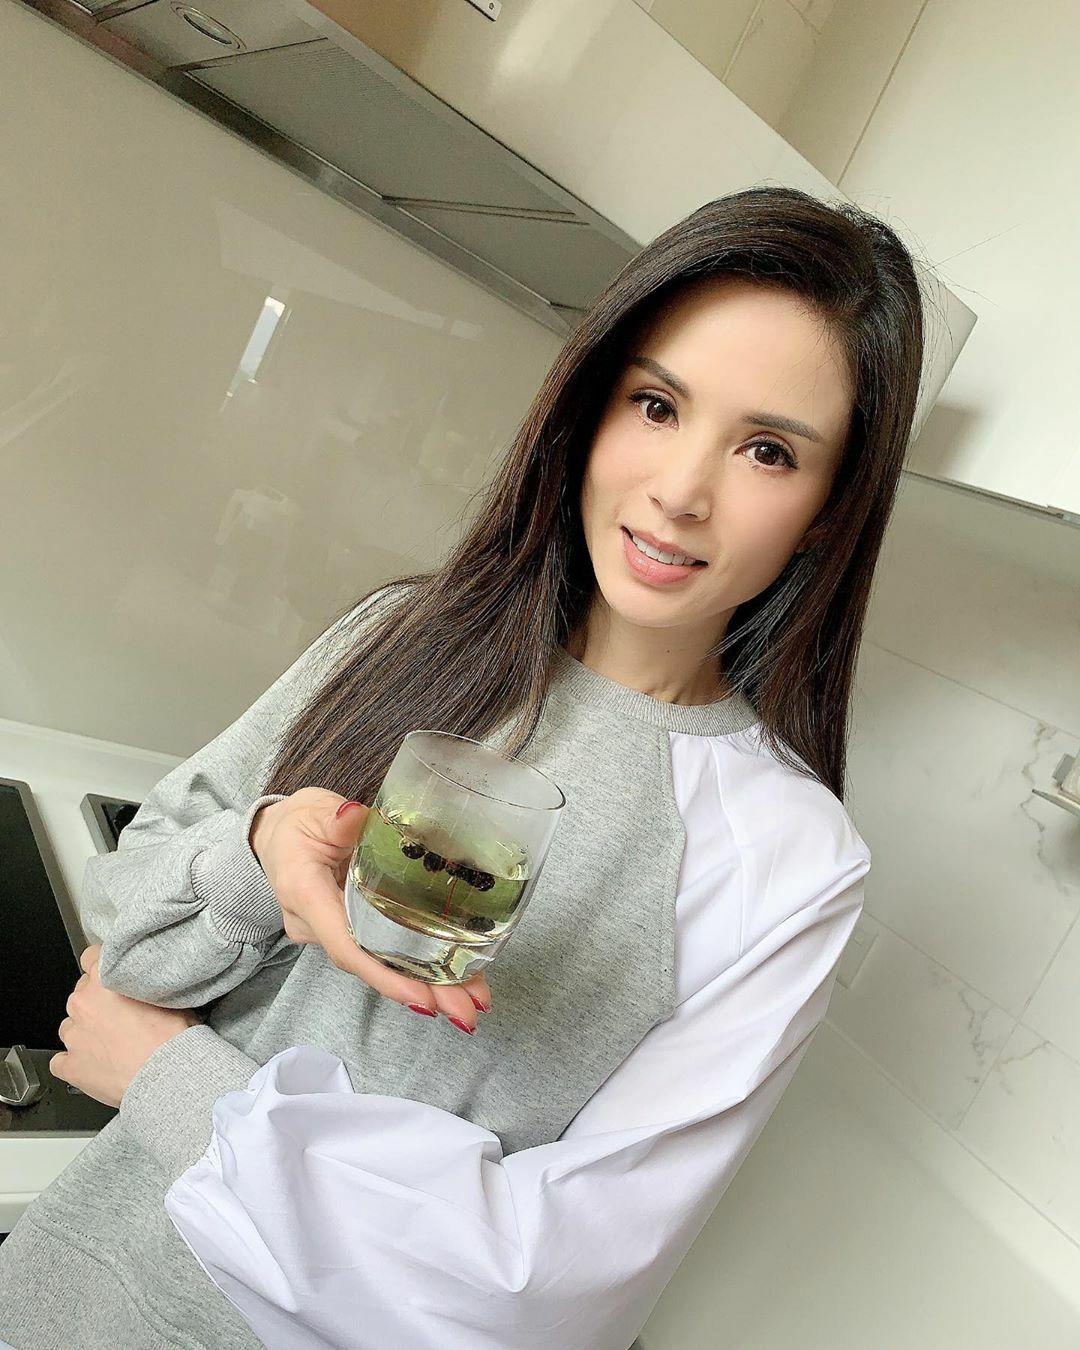 Nữ diễn viên có thói quen uống hắc kỷ tử cùng saffron để ngăn ngừa lão hóa, bảo vệ sức khỏe.